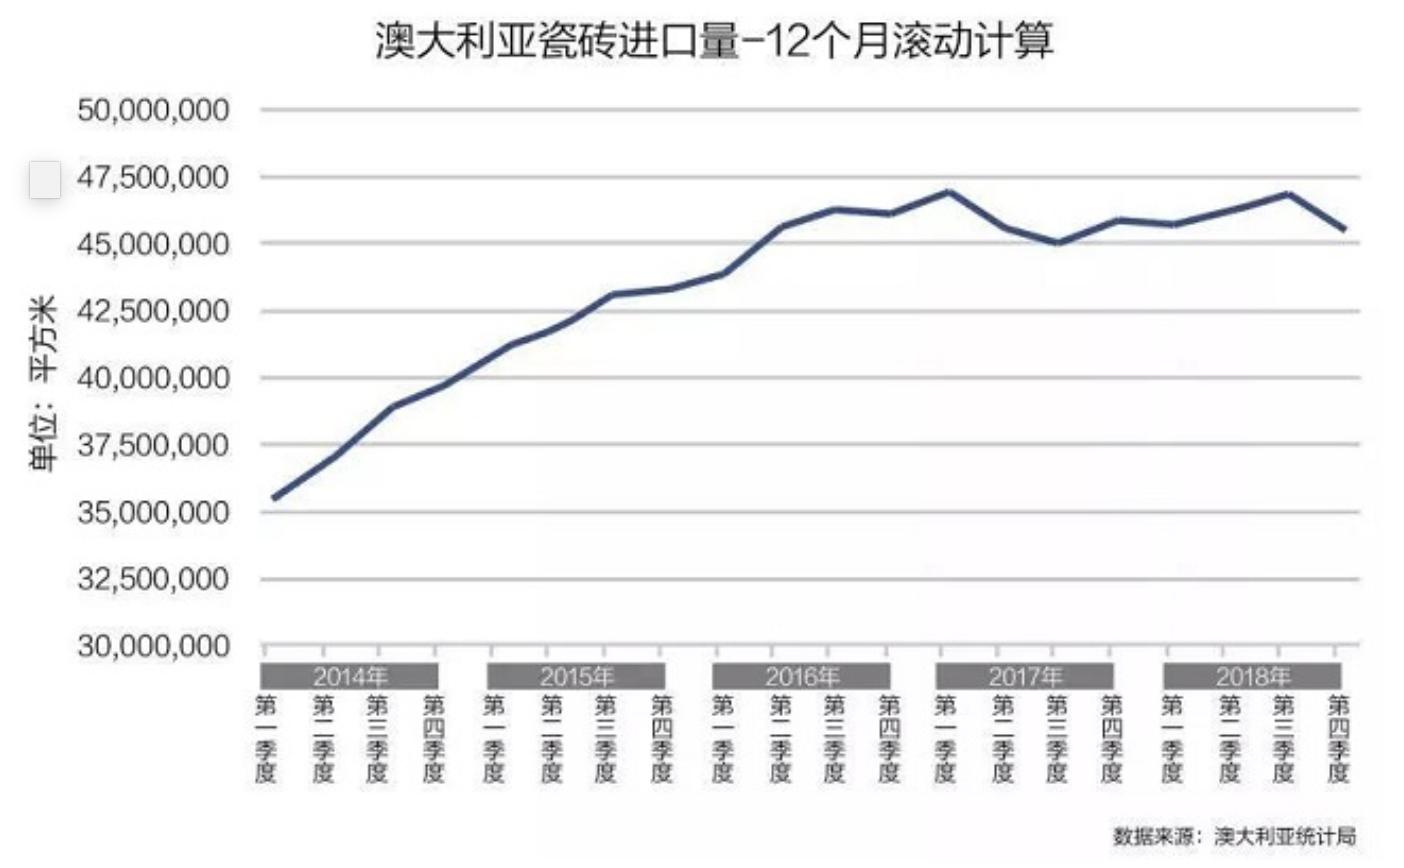 澳大利亚在5年内(2014-2018年)各个季度的瓷砖进口量